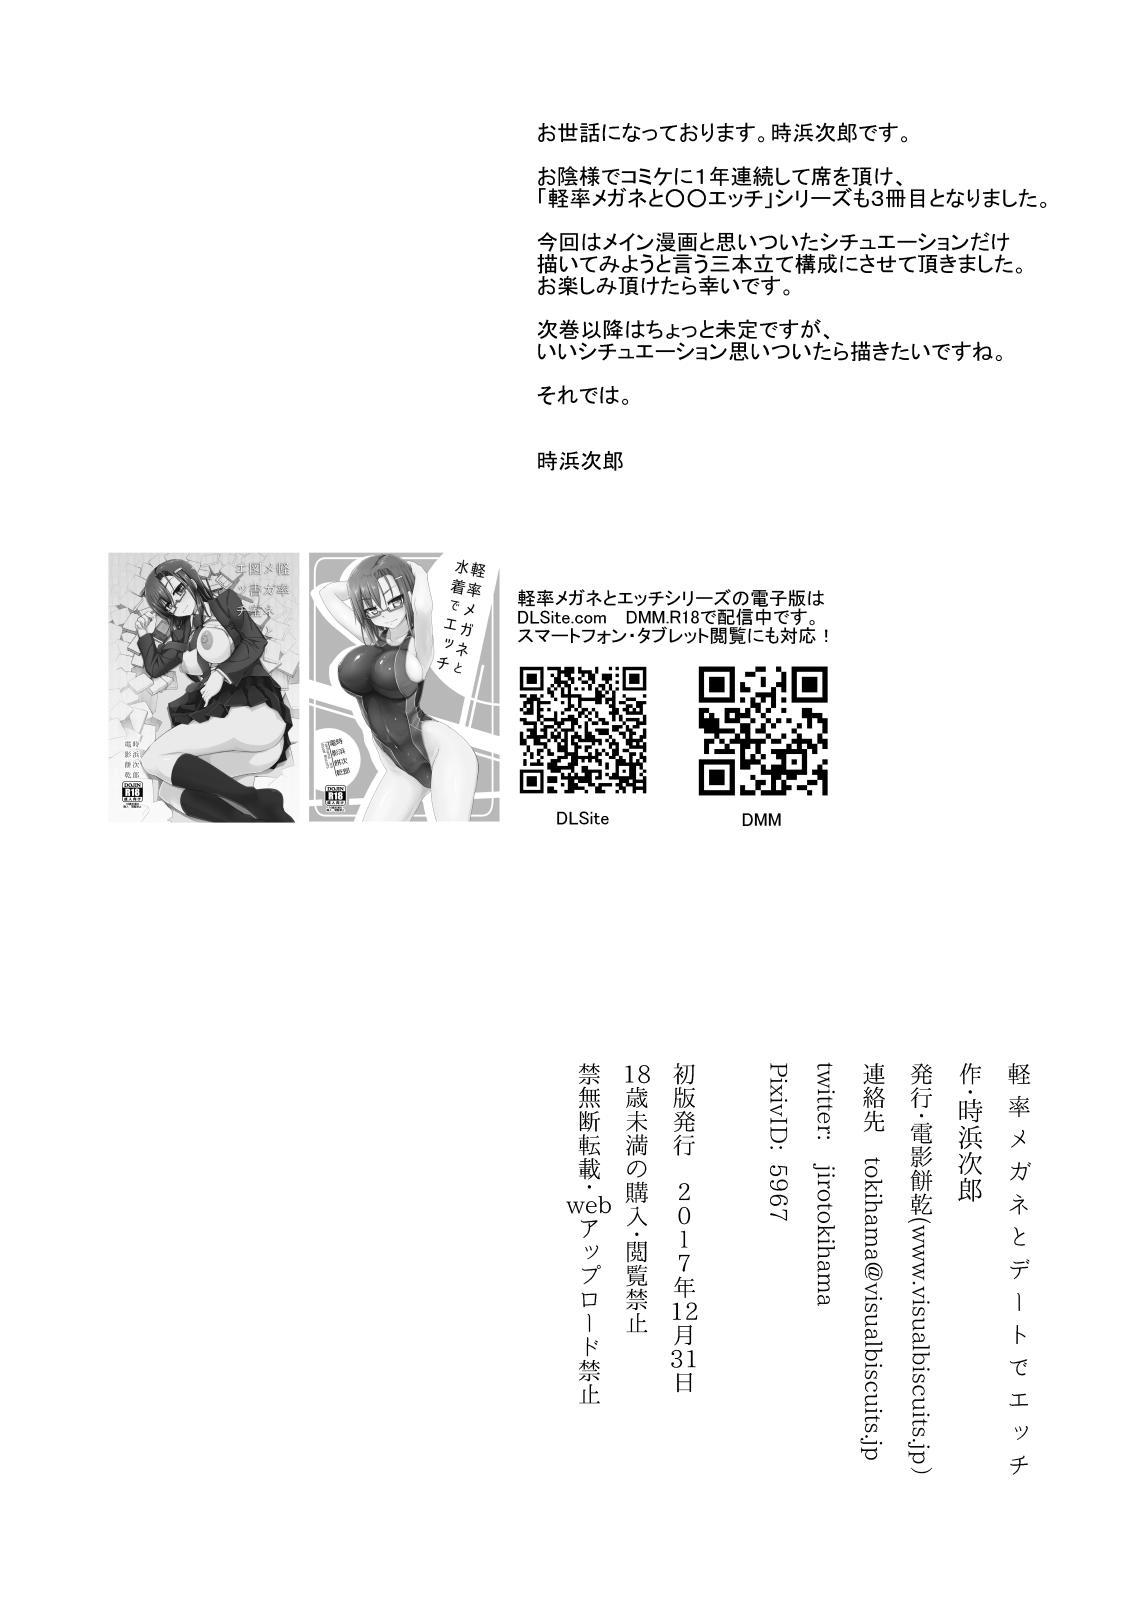 Keisotsu Megane to Date de Ecchi 23